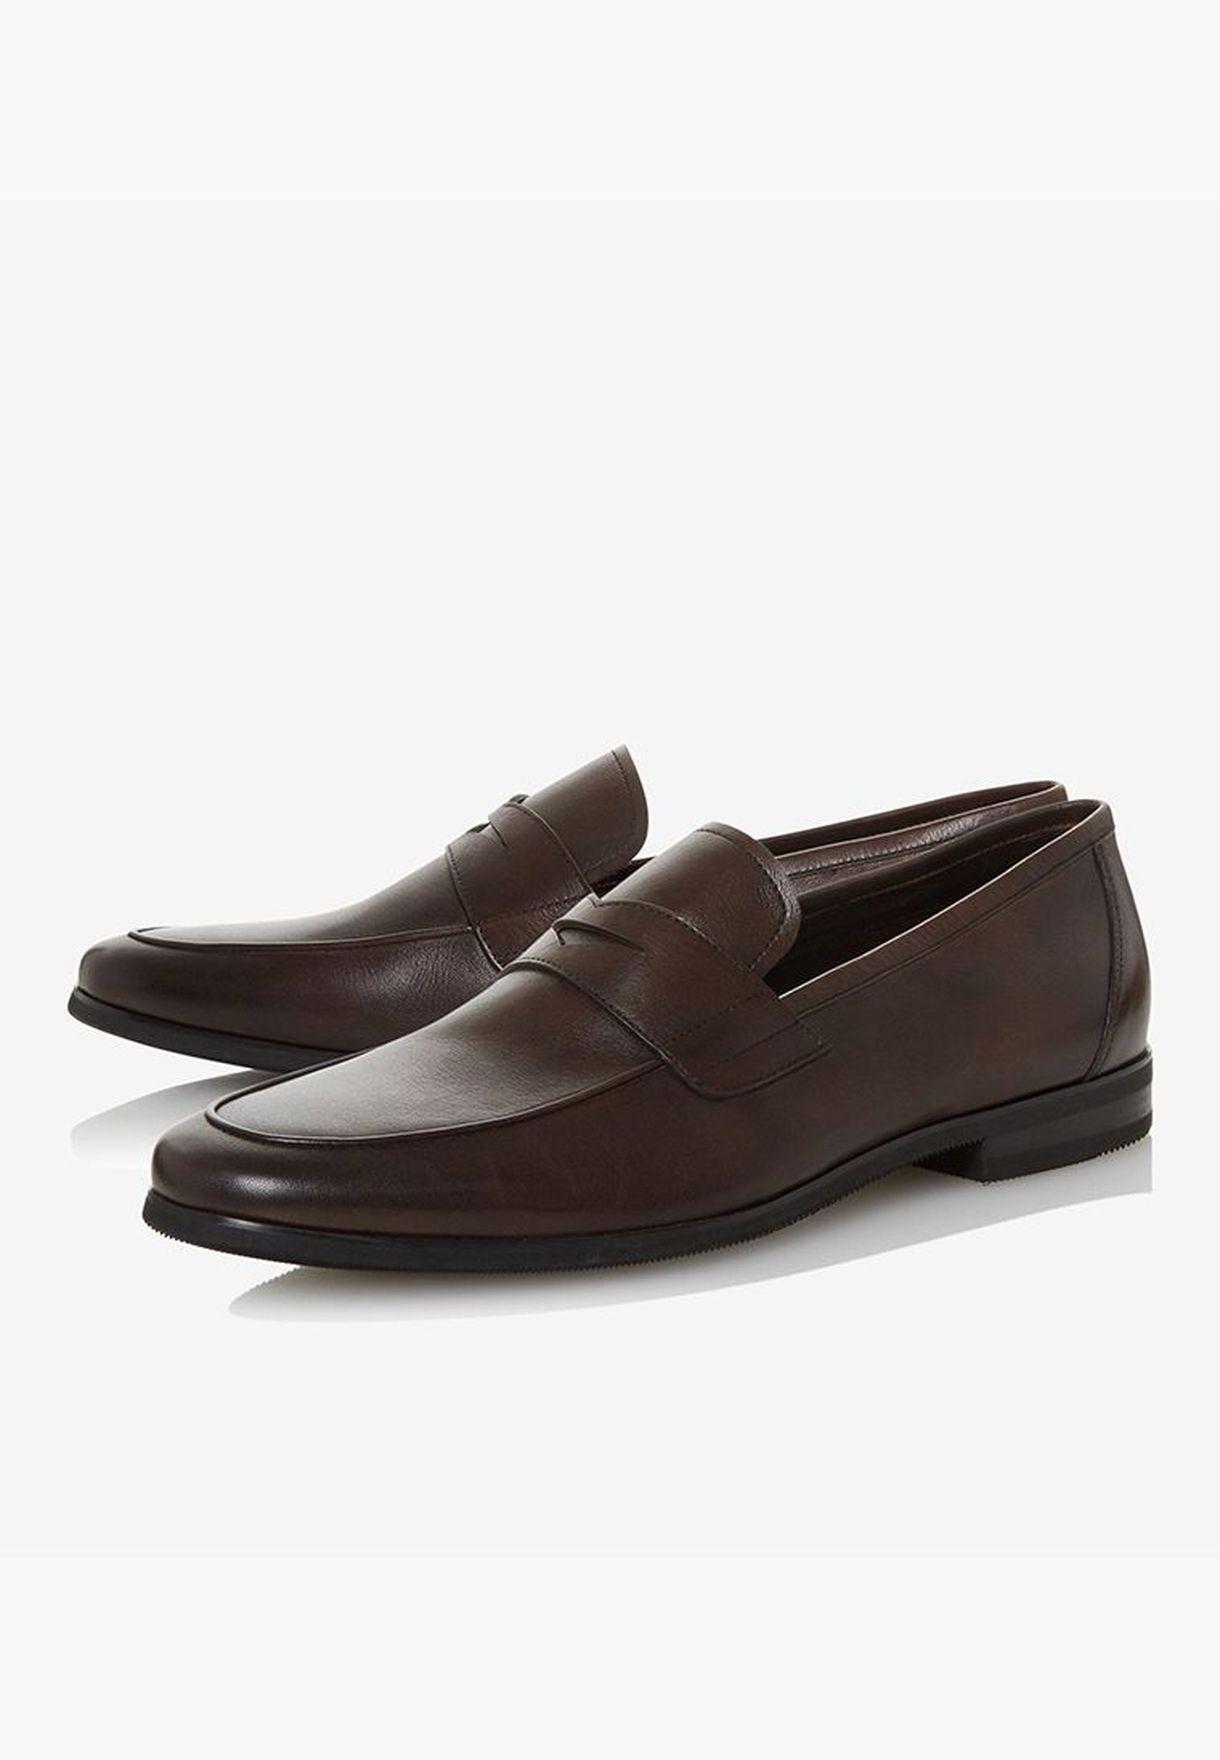 Solid Formal Slip-ons - Brown